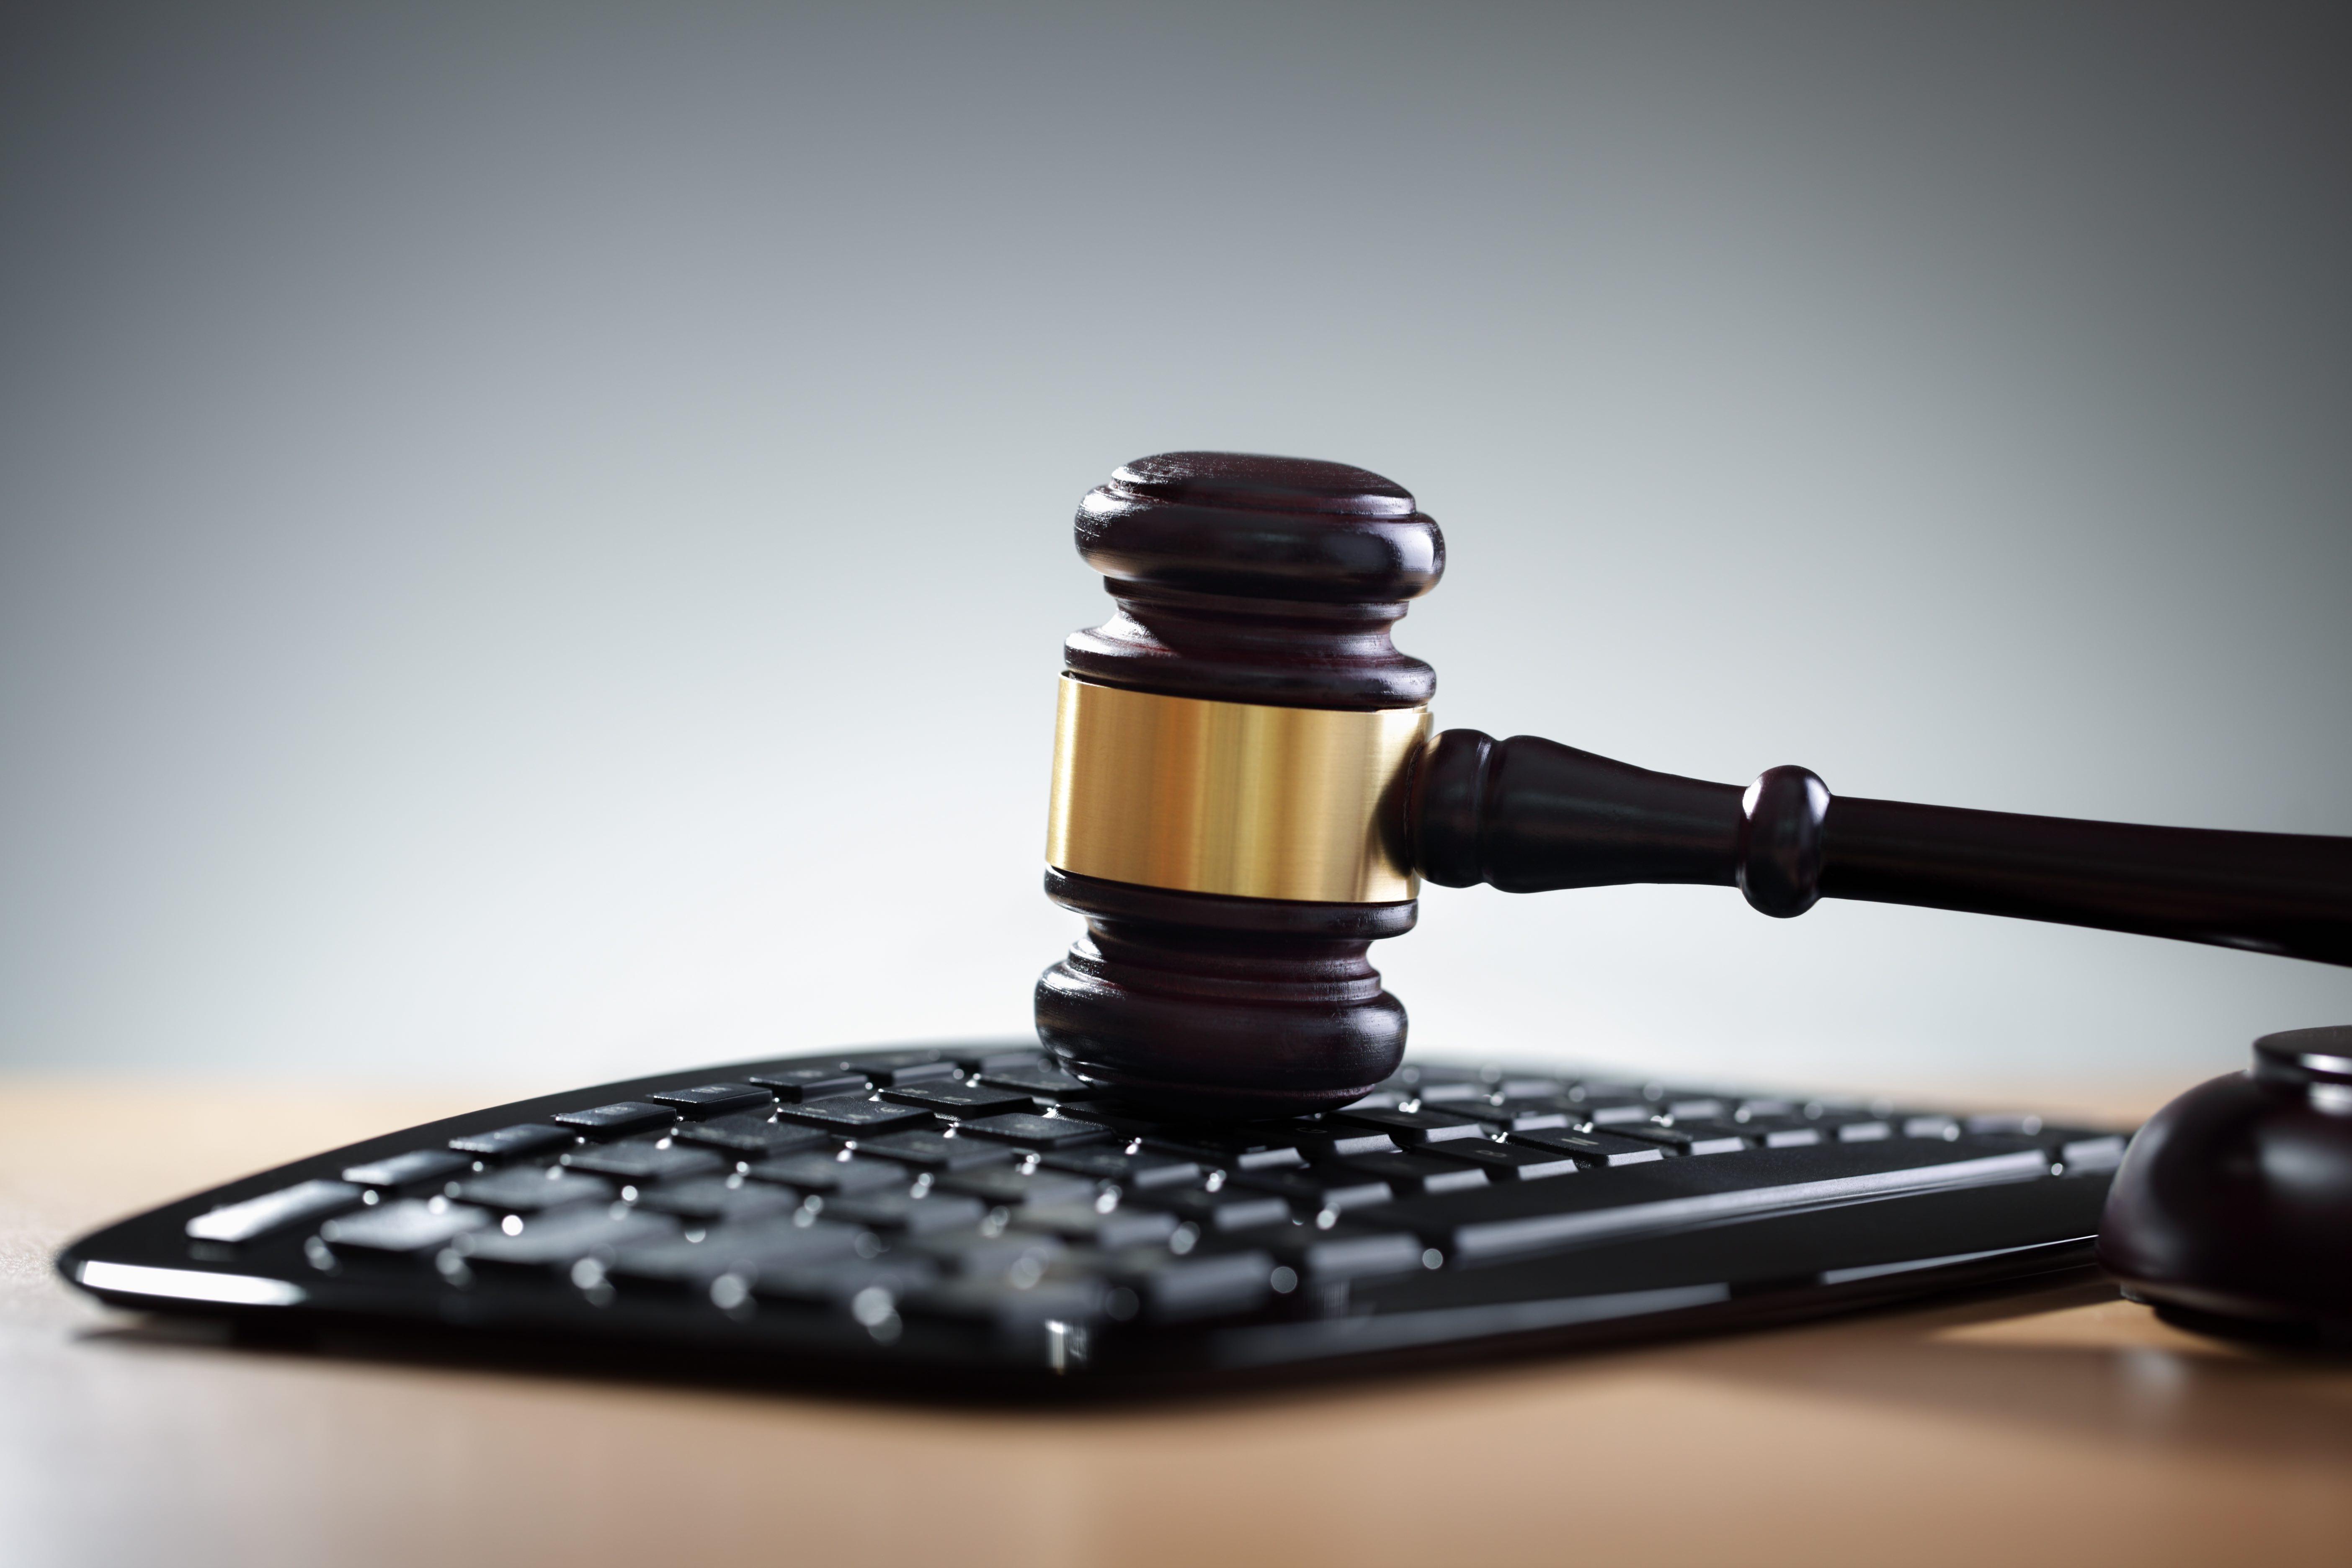 وکیل جرائم اینترنتی دراصفهان